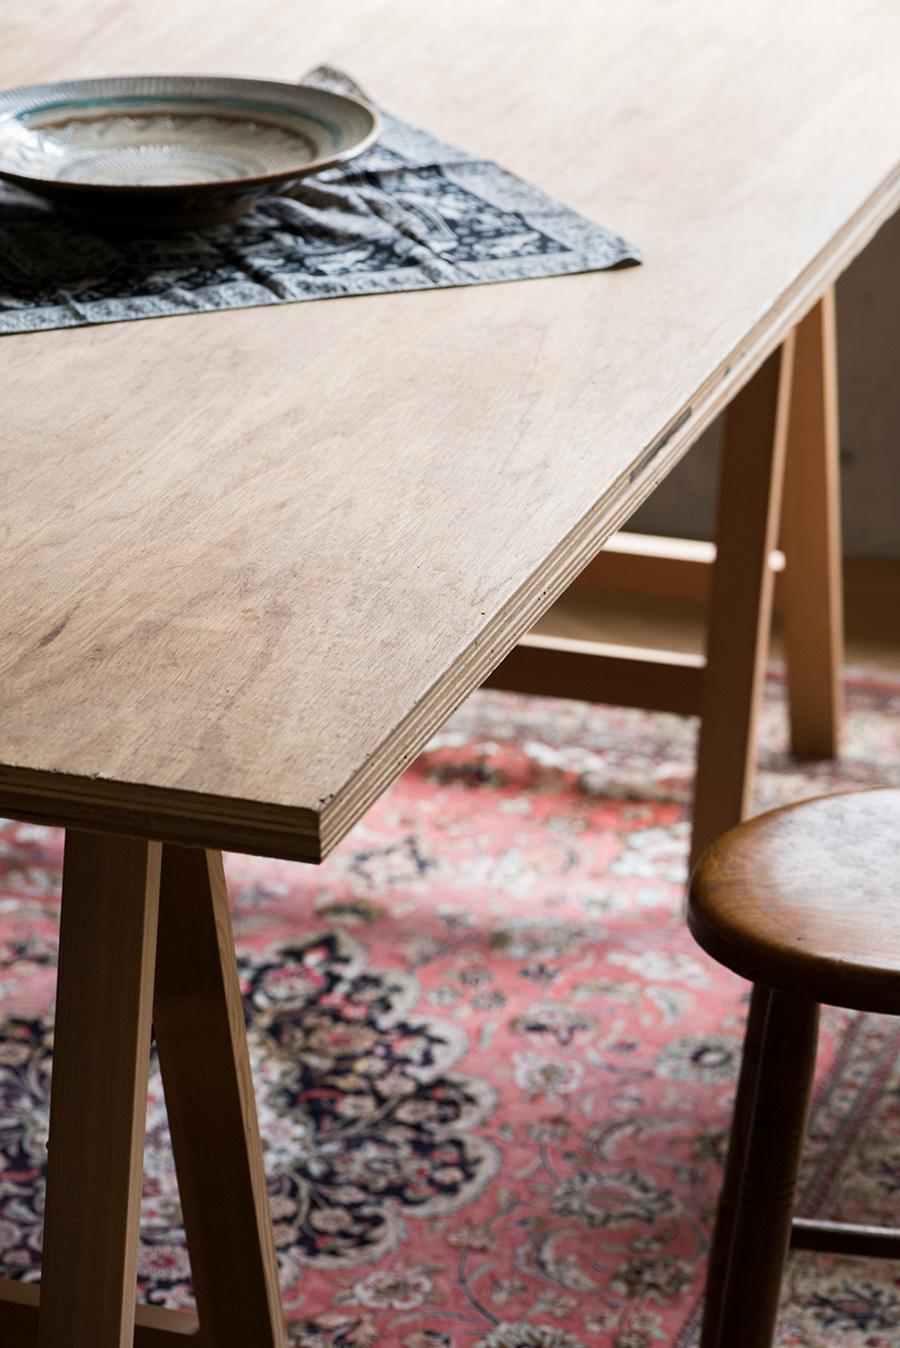 テーブルの合板には自分でやすりをかけ蜜蝋を塗った。